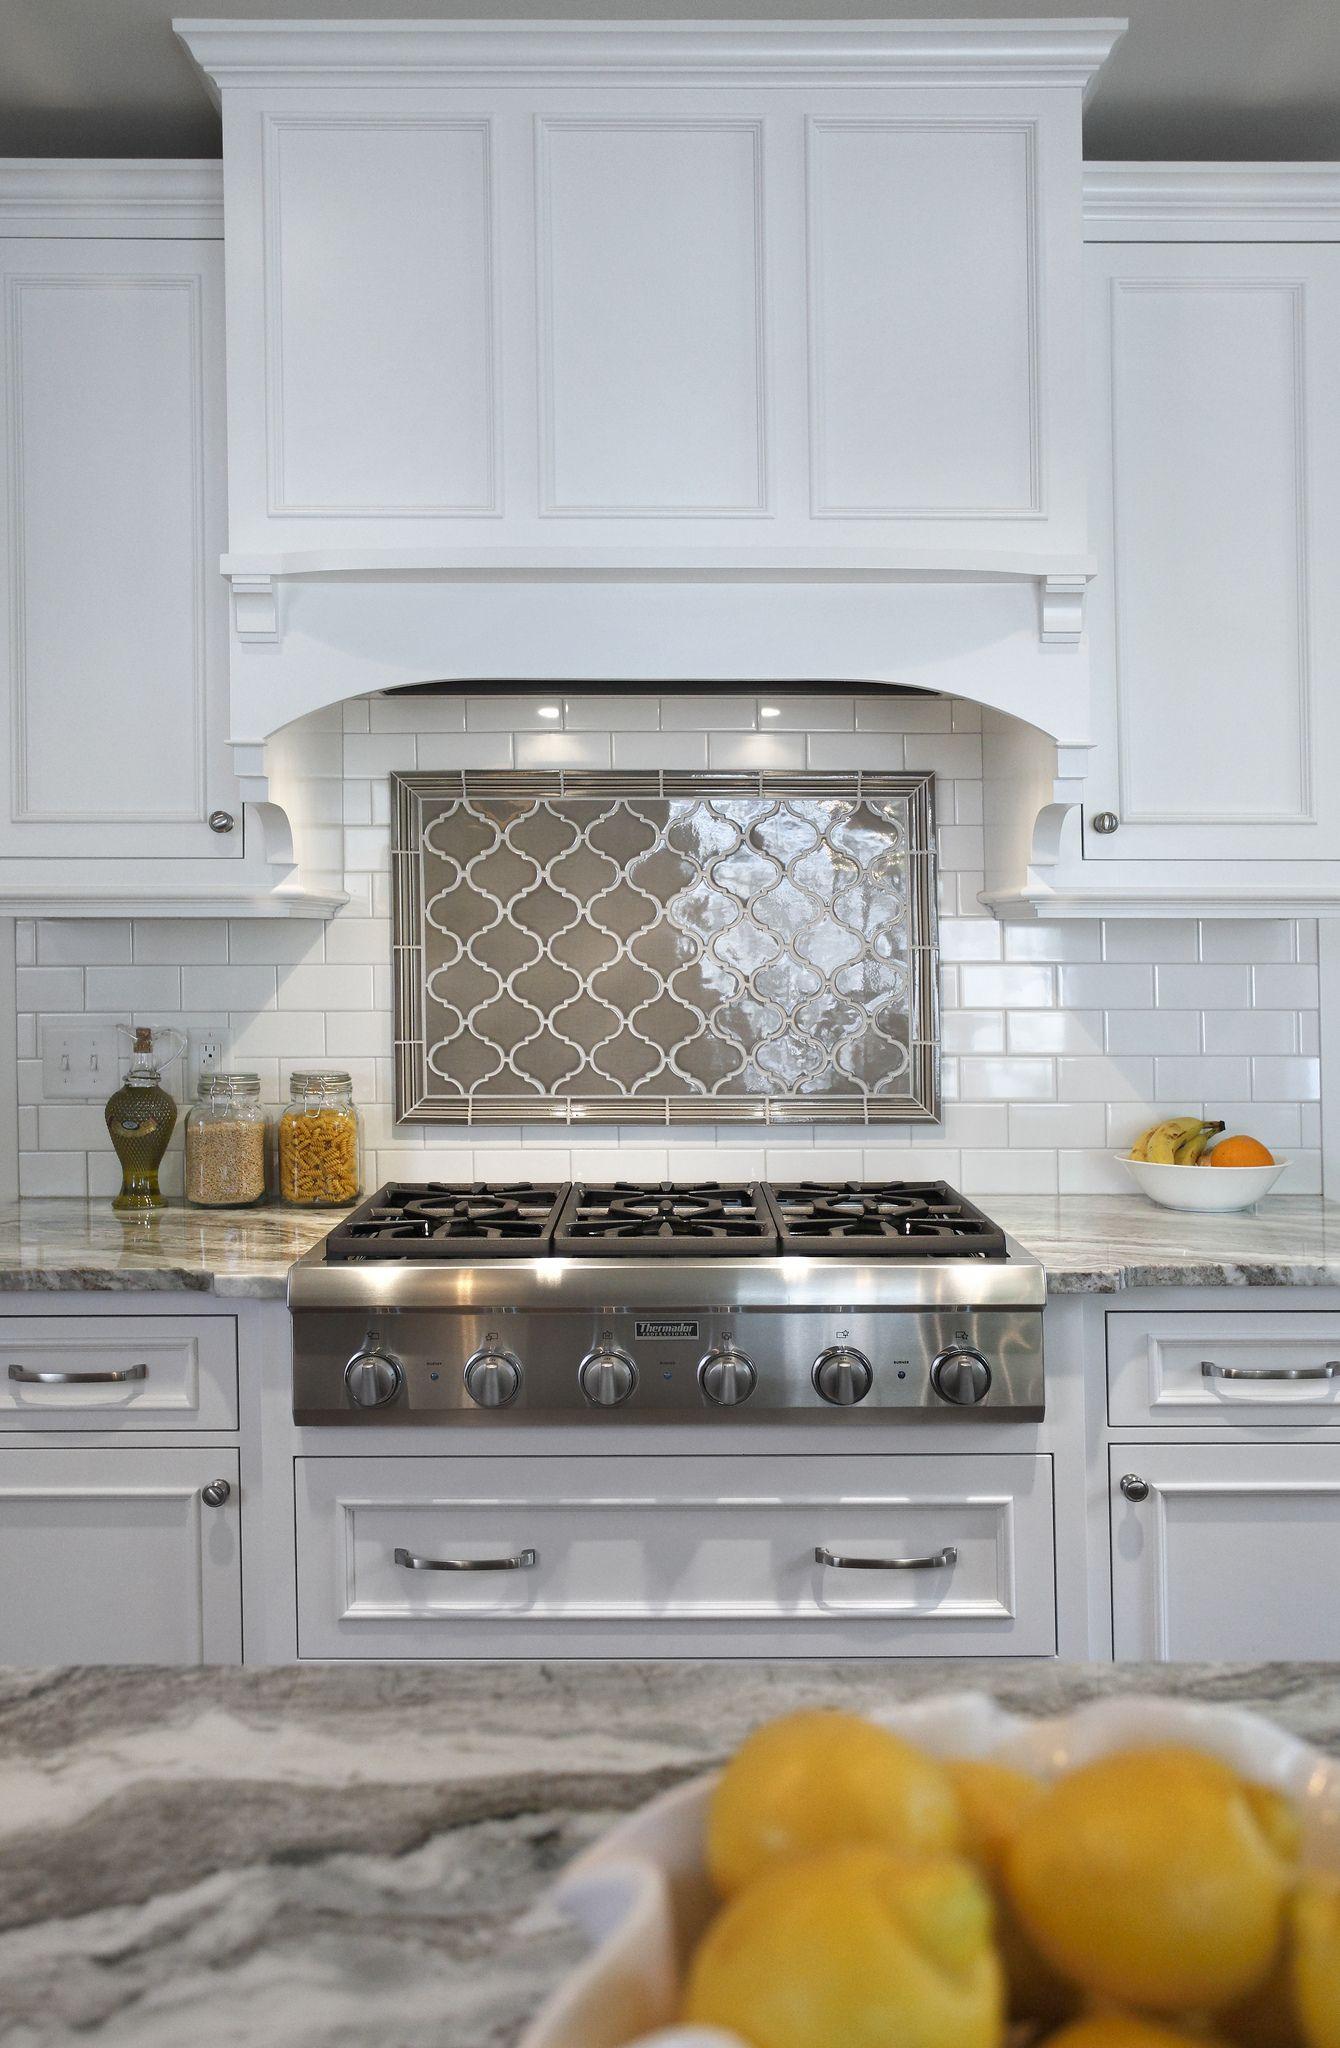 _MG_4807 | Pinterest | Küche und Häuschen